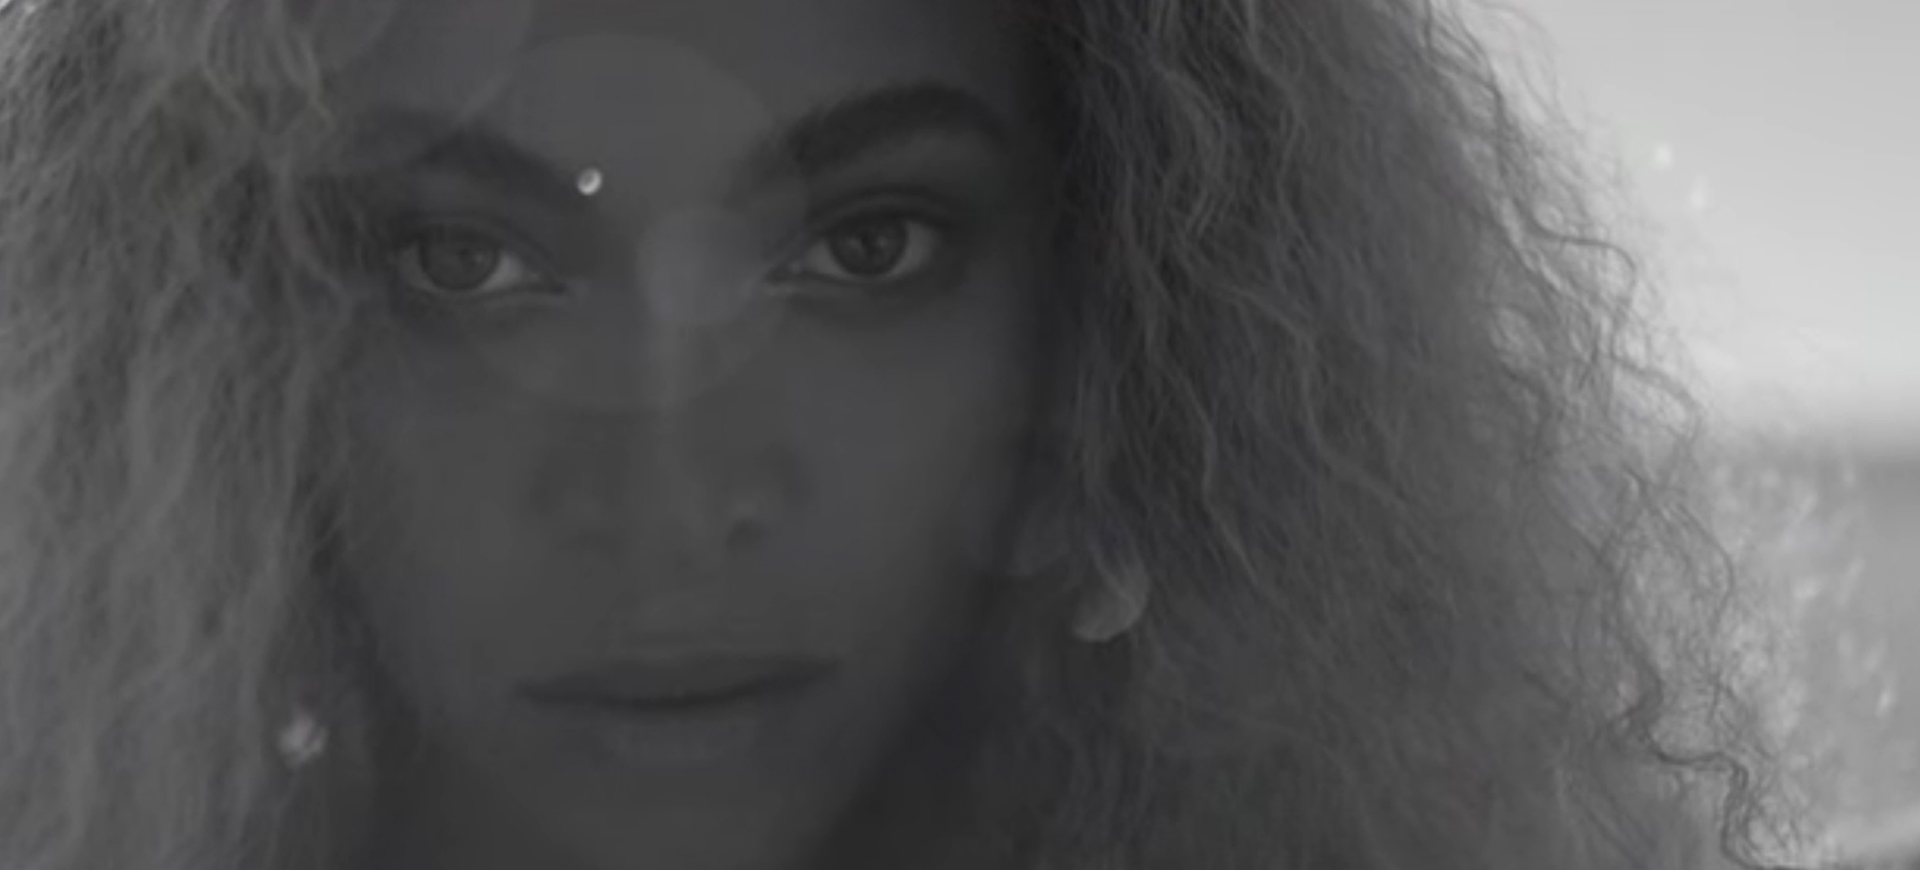 Beyoncés nya album Lemonade